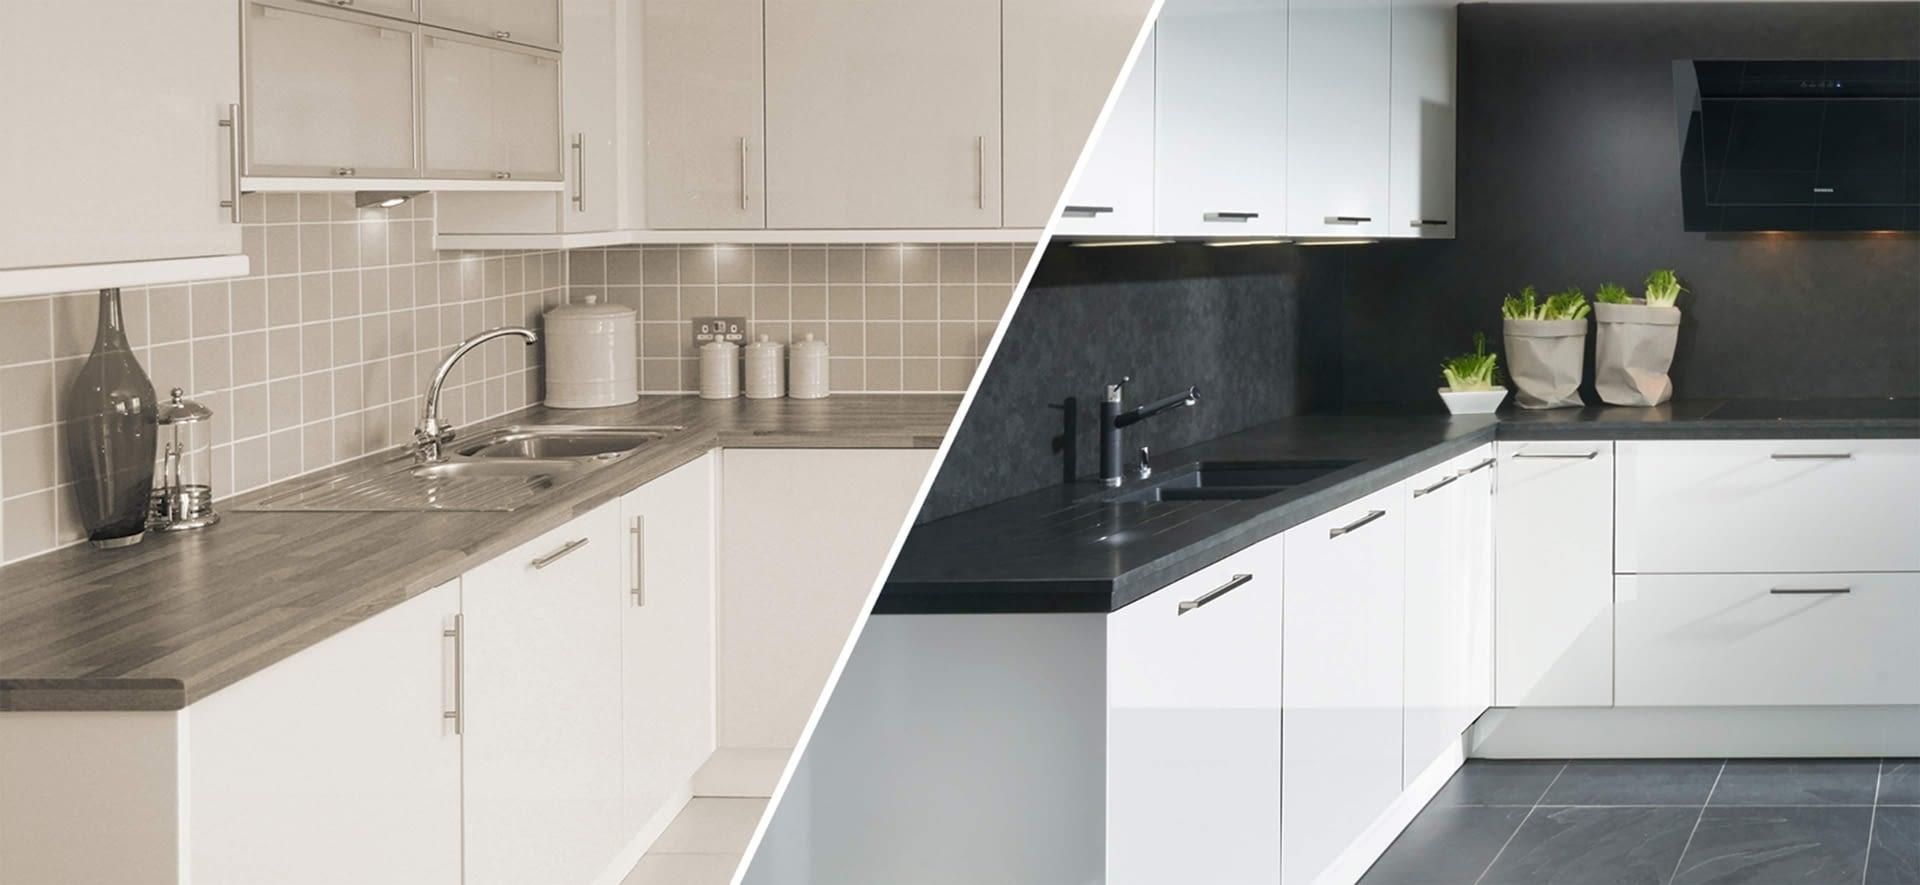 Unsere Günstige Küchenmodernisierung Marquardt Küchen